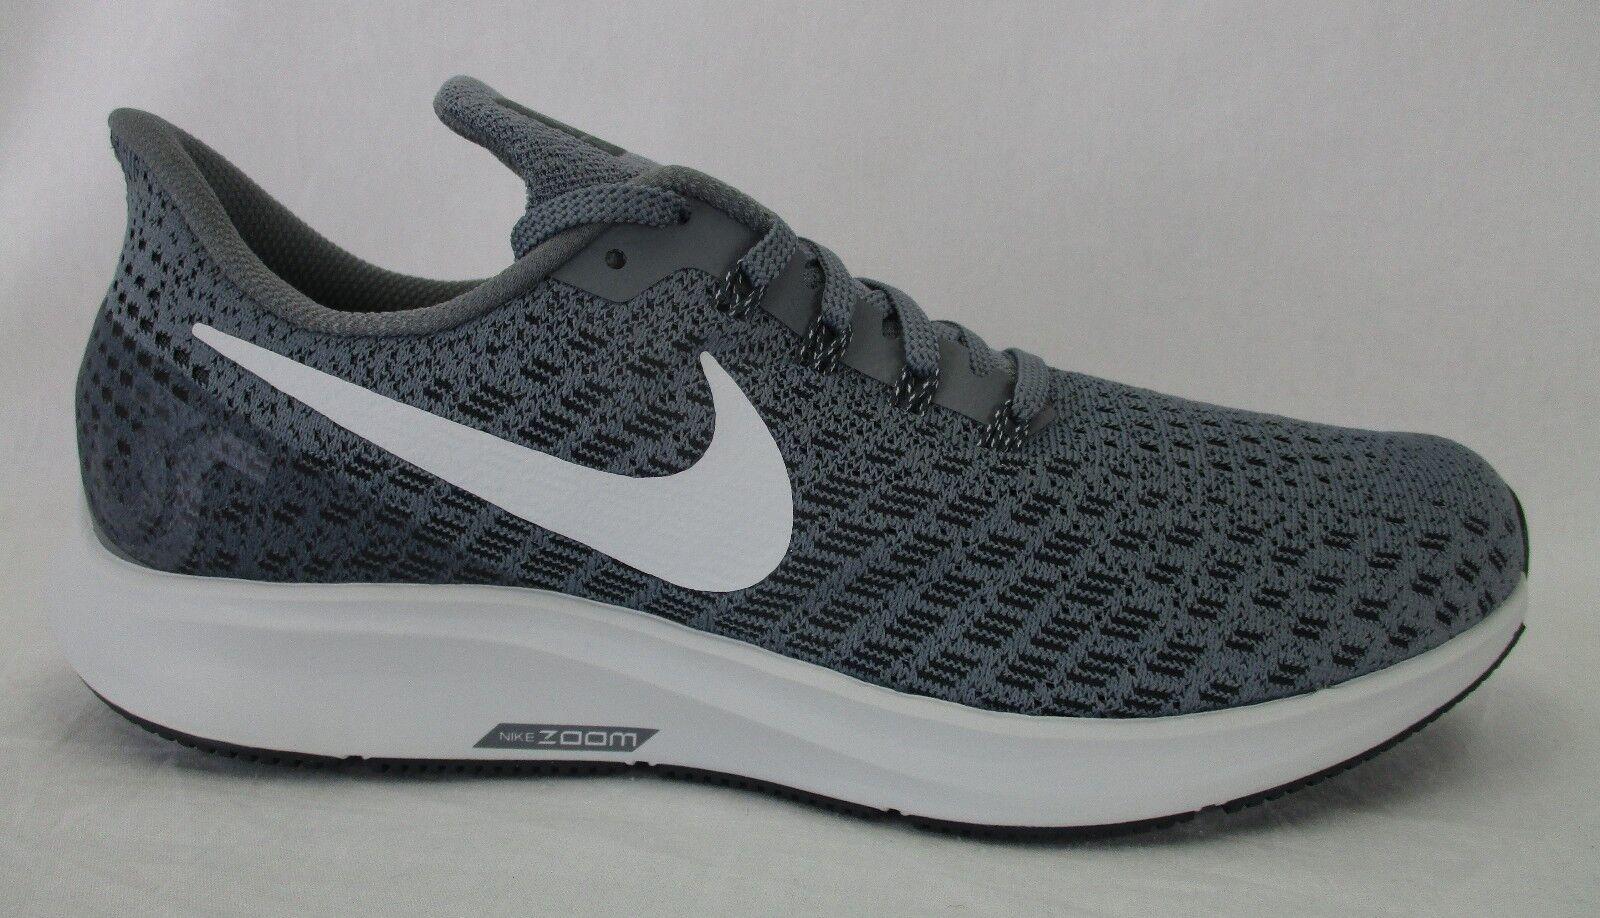 Nike Mens Air Zoom Pegasus 35 Shoes 942851 005 12 Cool Grey/Pure Platinum Size 12 005 c72251